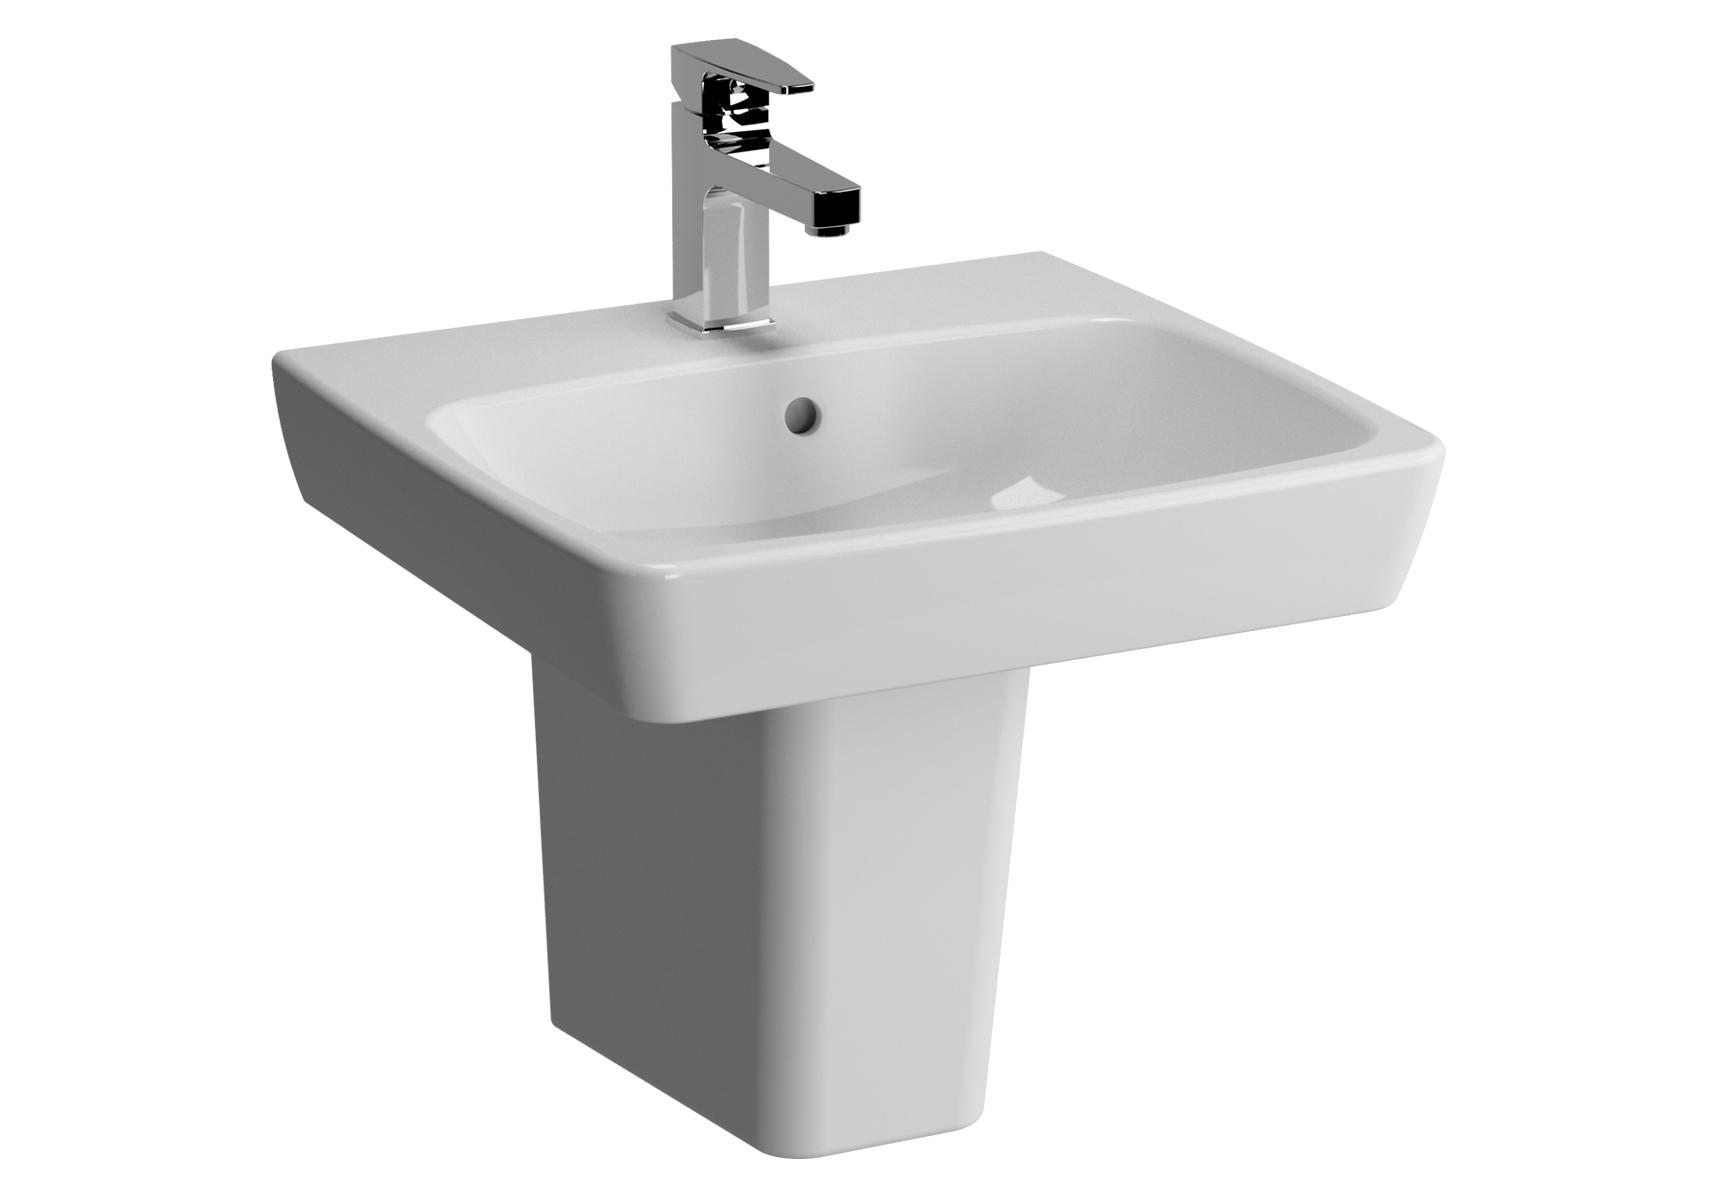 Metropole lavabo, 50 cm, 1 trou de robinet central, avec trop-plein